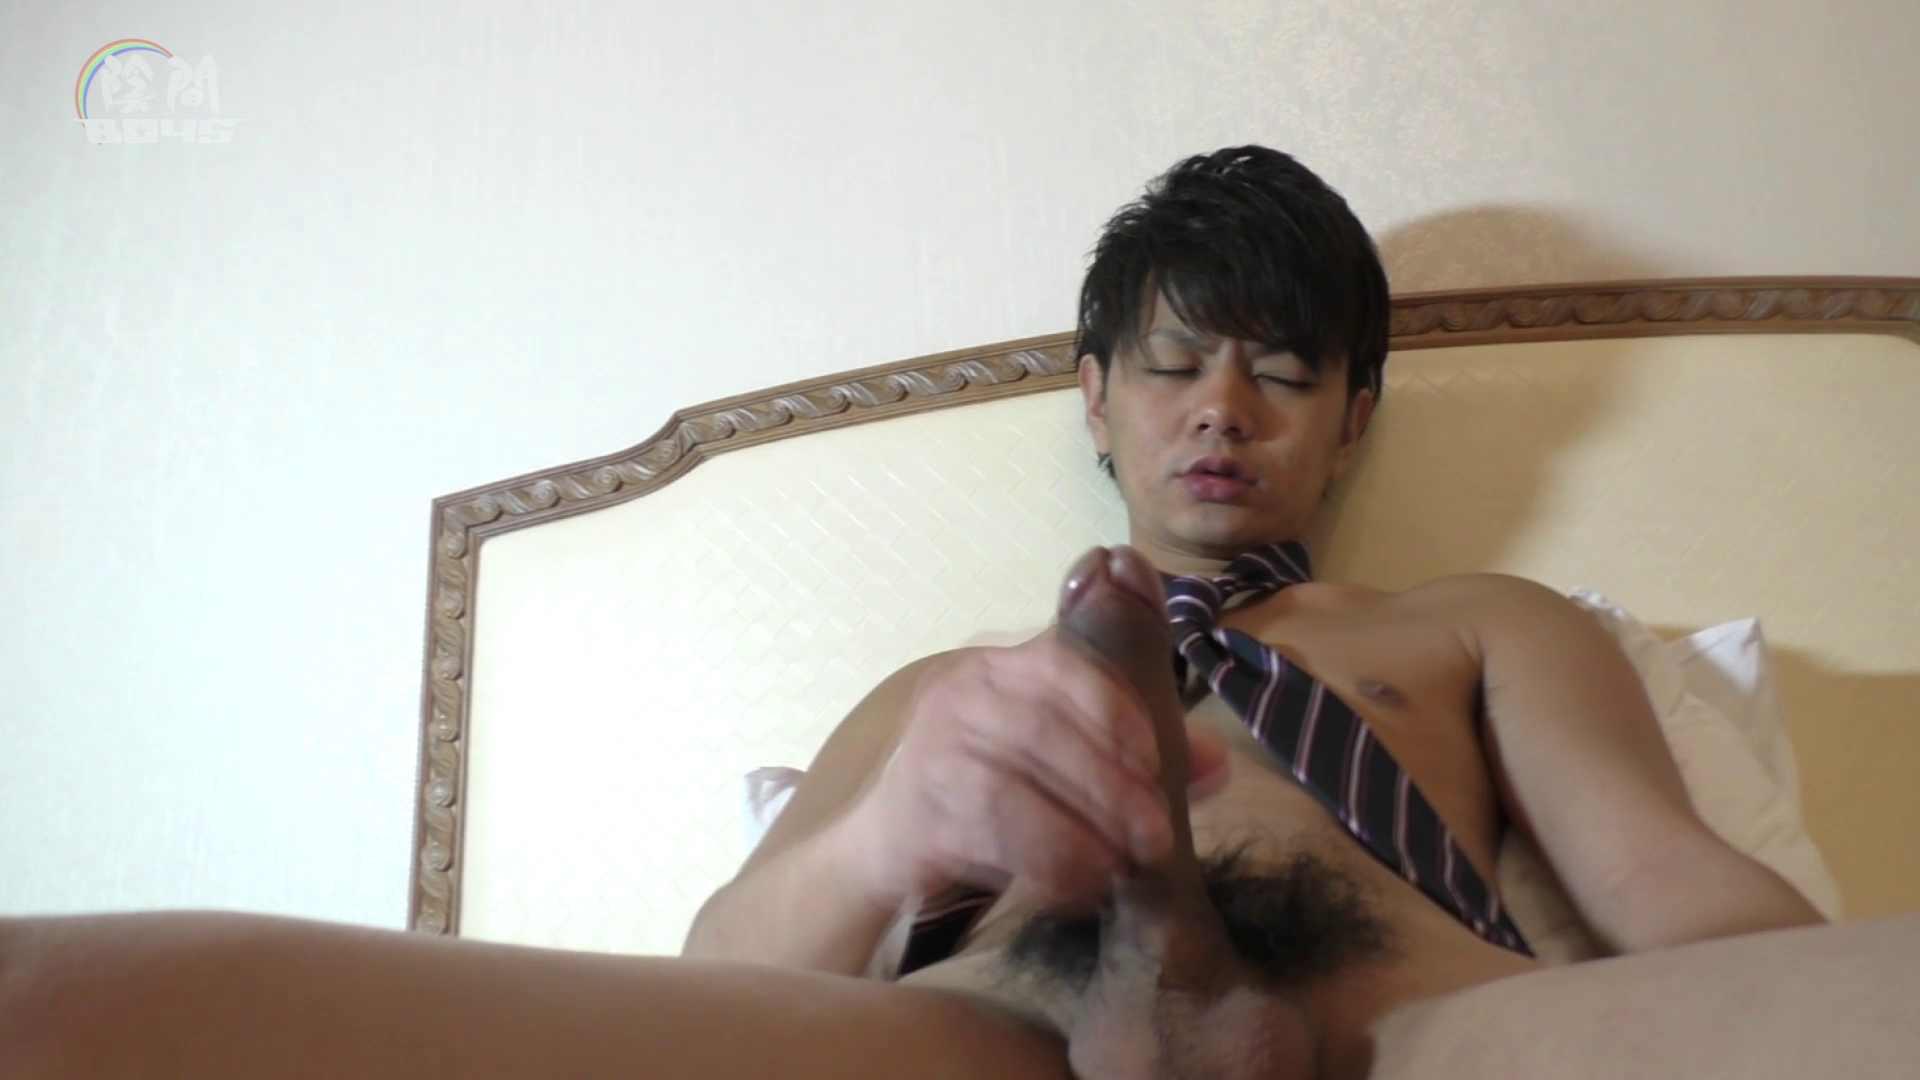 キャバクラの仕事はアナルから6  ~アナルの囁き~Vol.04 発射天国 ゲイ無修正動画画像 87pic 80